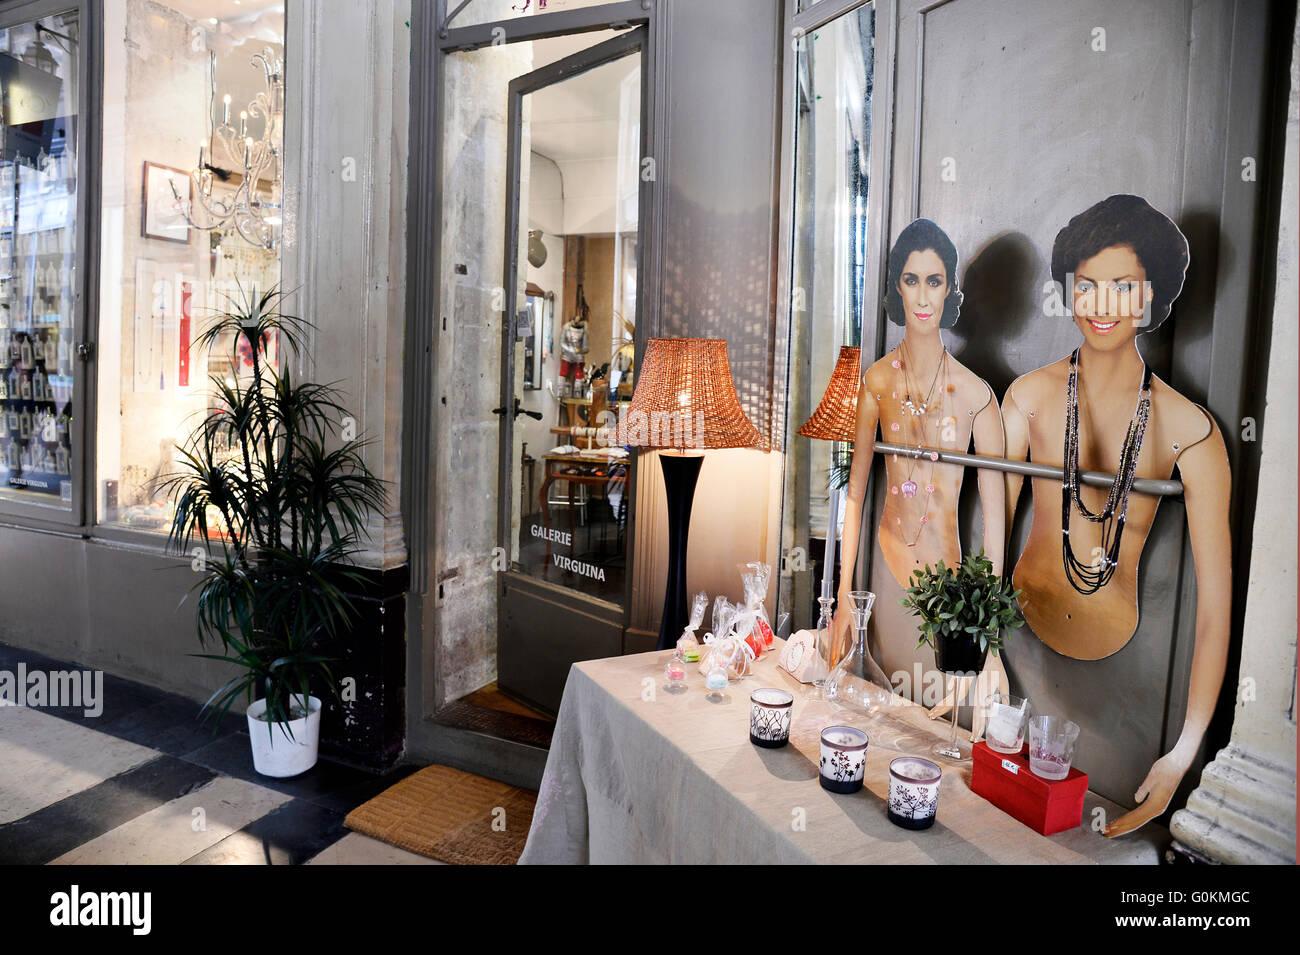 Antique shop in Paris - Stock Image